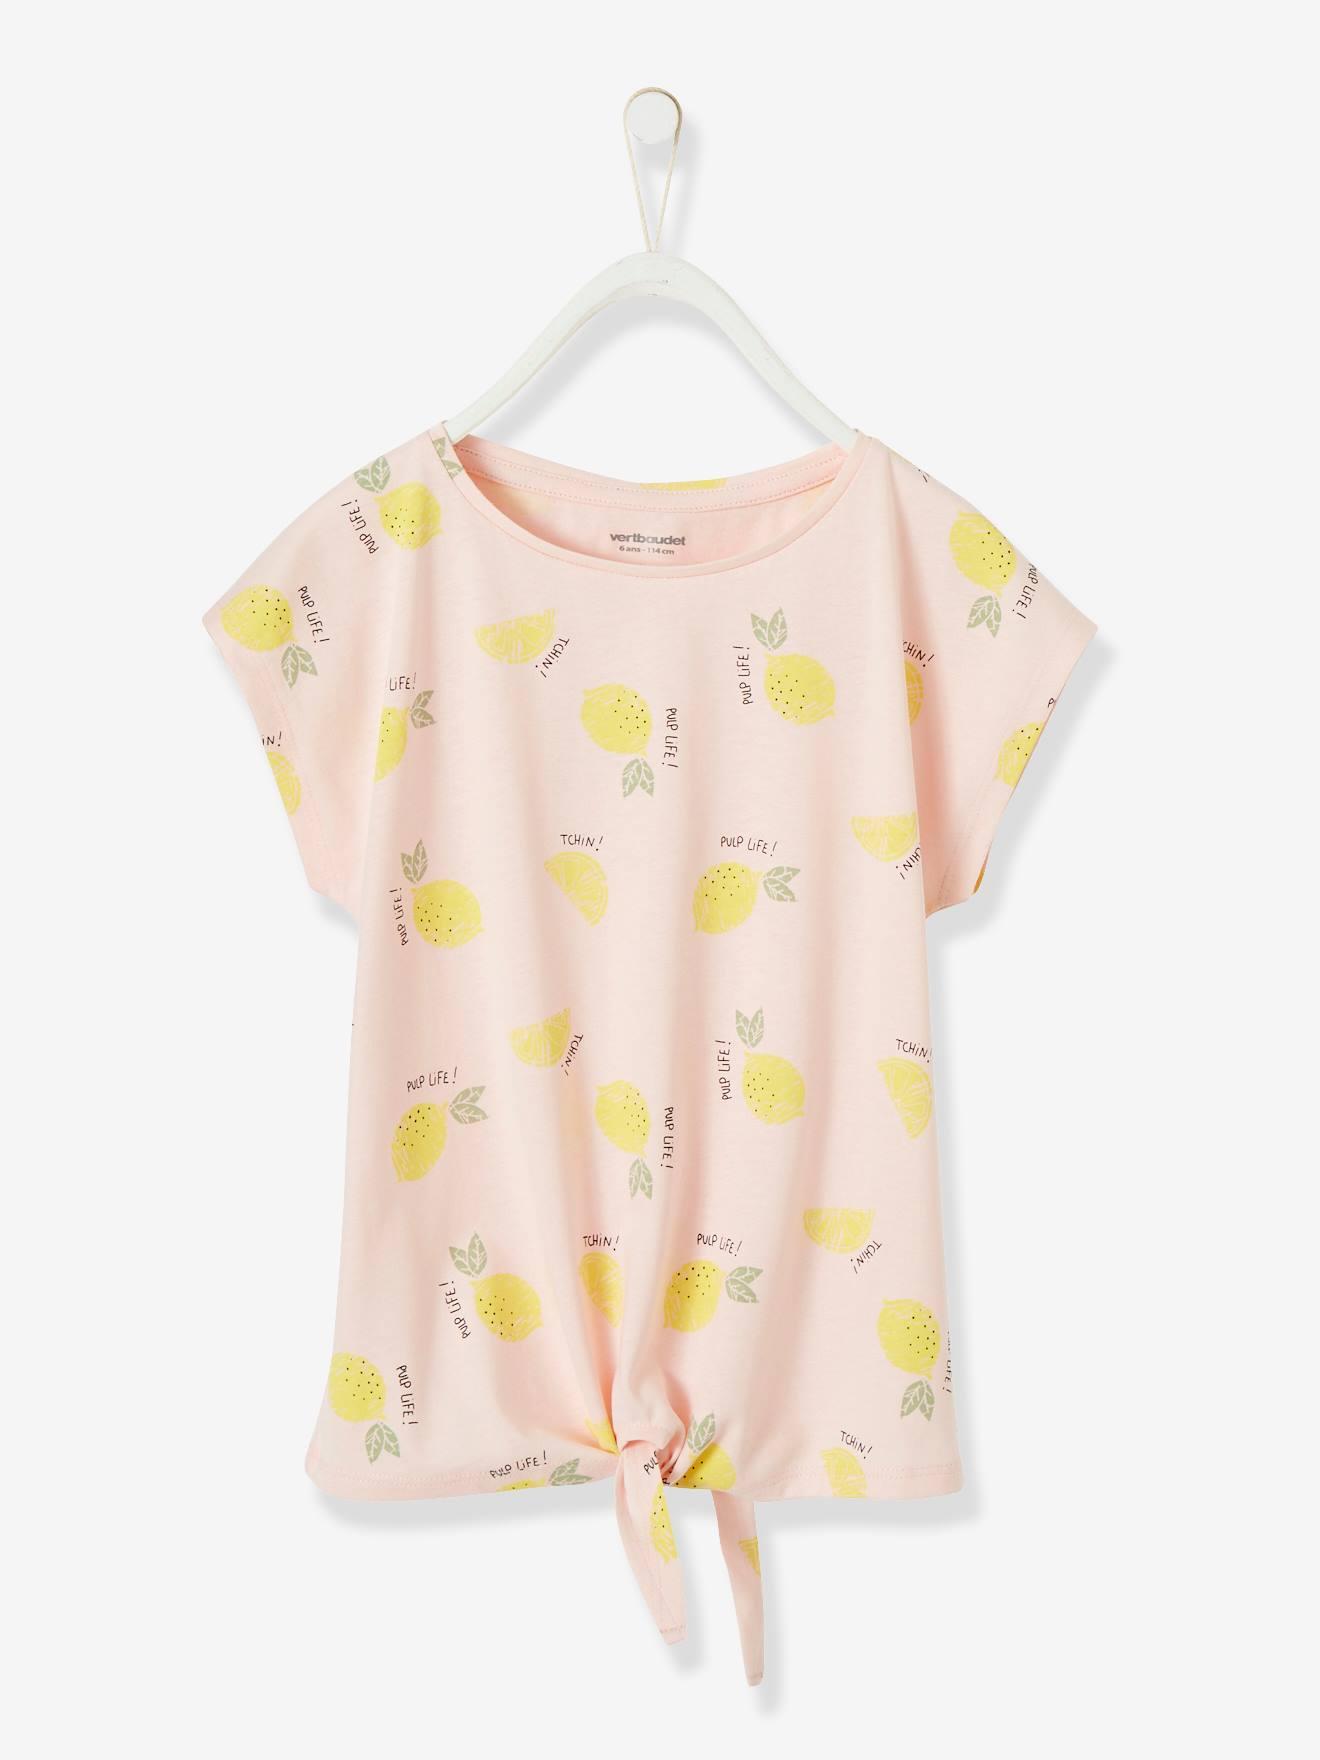 Mädchen T-Shirt Oeko Tex® rosa zitronen Gr. 92 von vertbaudet 3611653302457